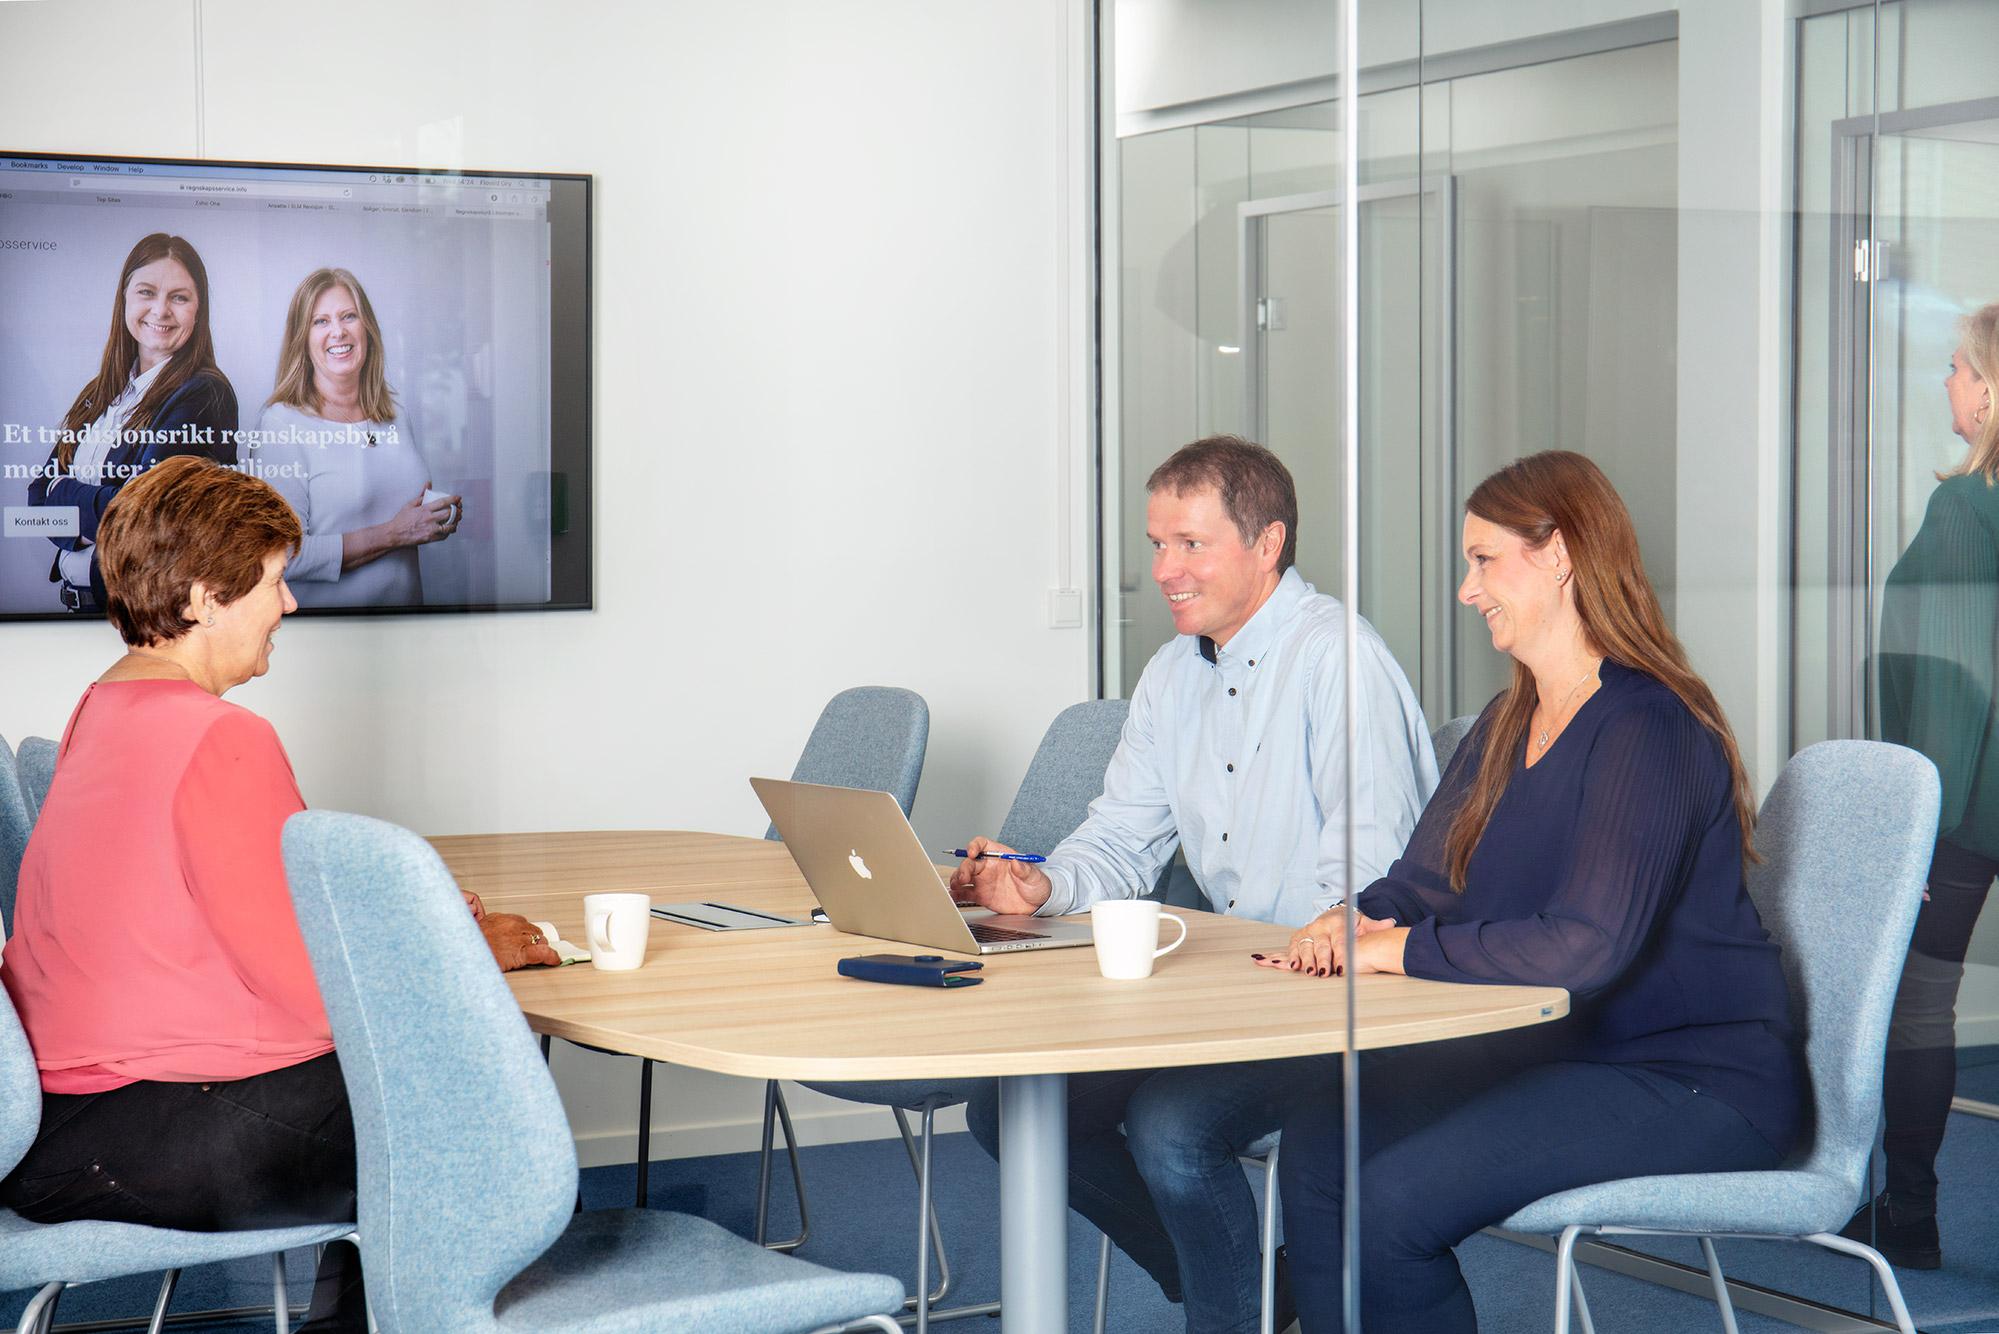 Bildet viser menneskene som jobber i REGNSKAPSSERVICE. Menneskene sitter inne på et møterom.